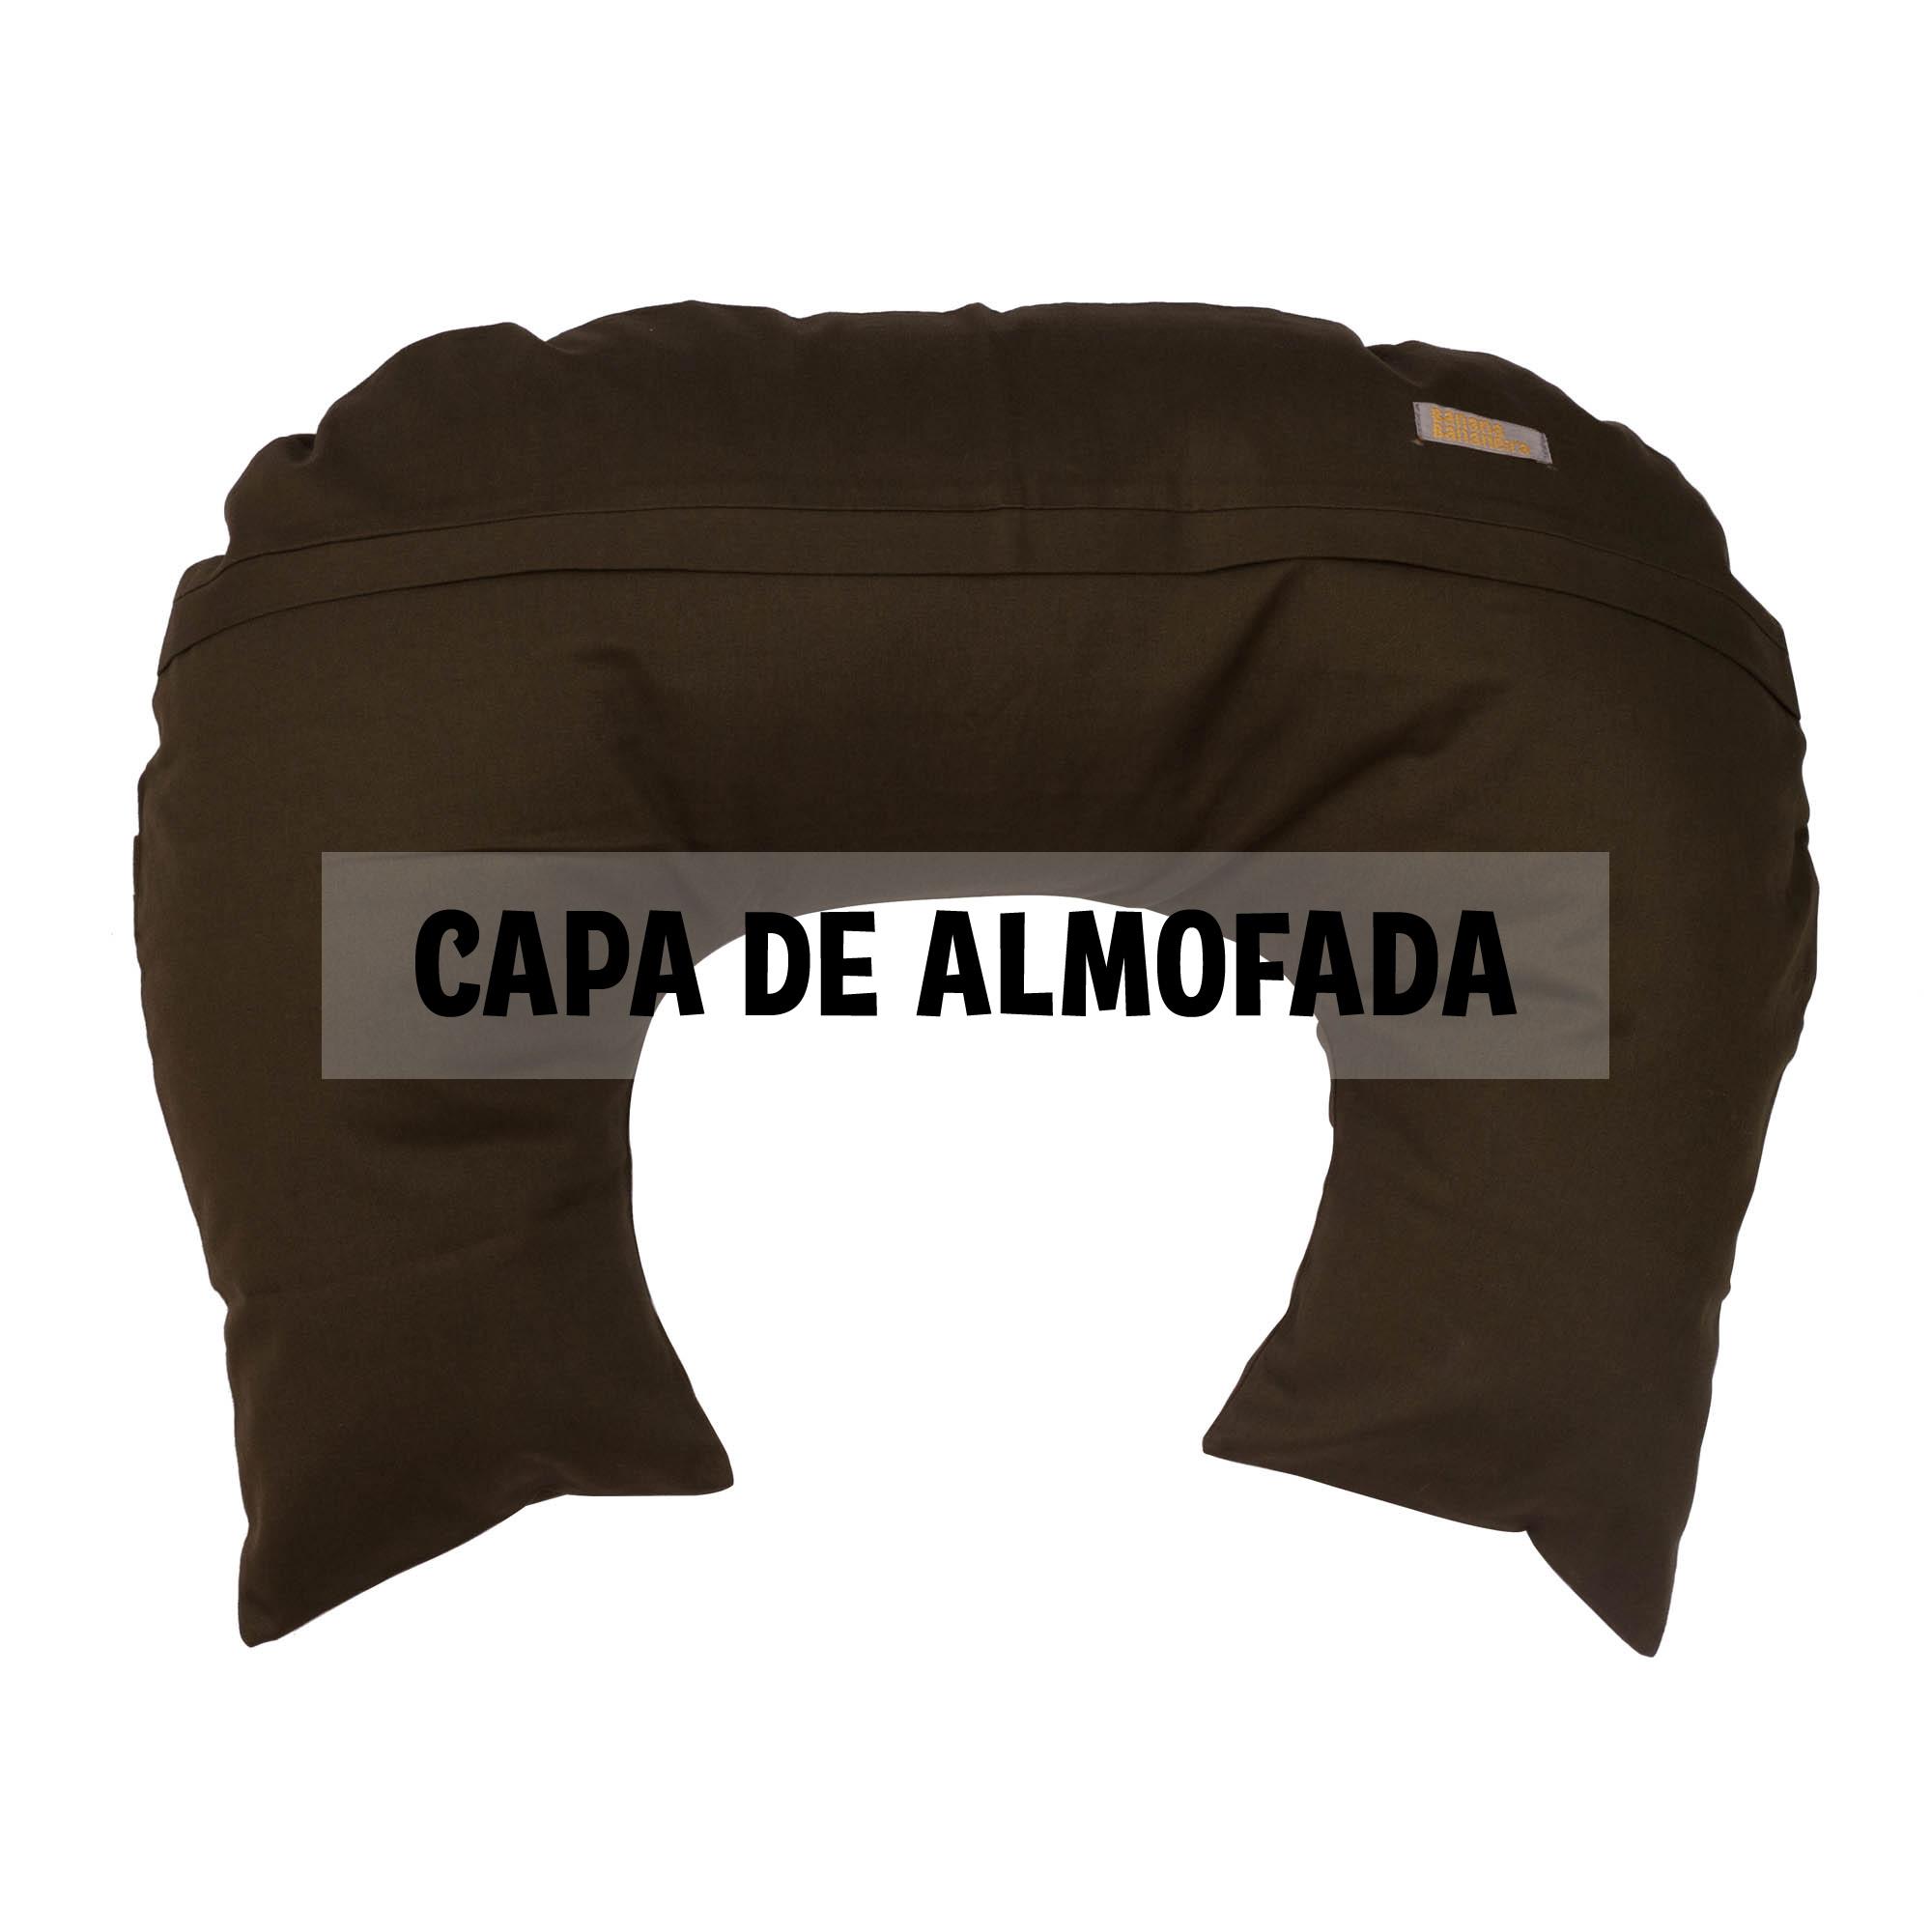 Capa de almofada de amamentação verde militar